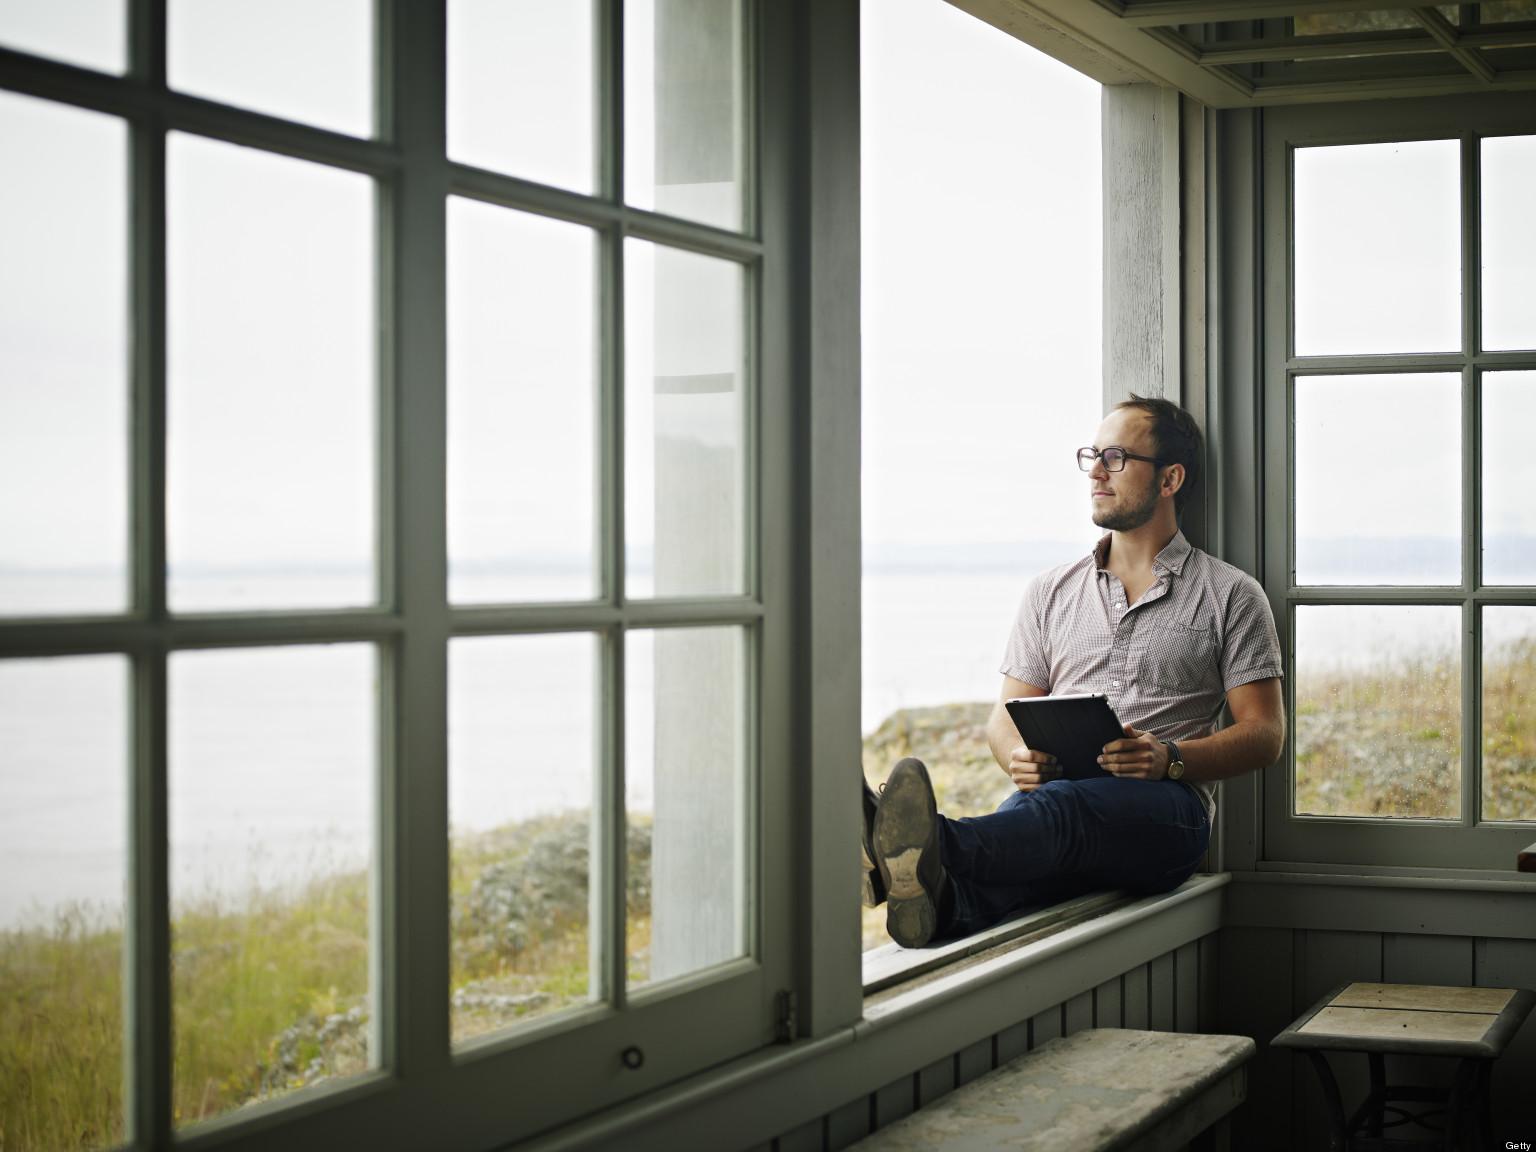 картинка сидящий мужчина у окна работать себя, тогда